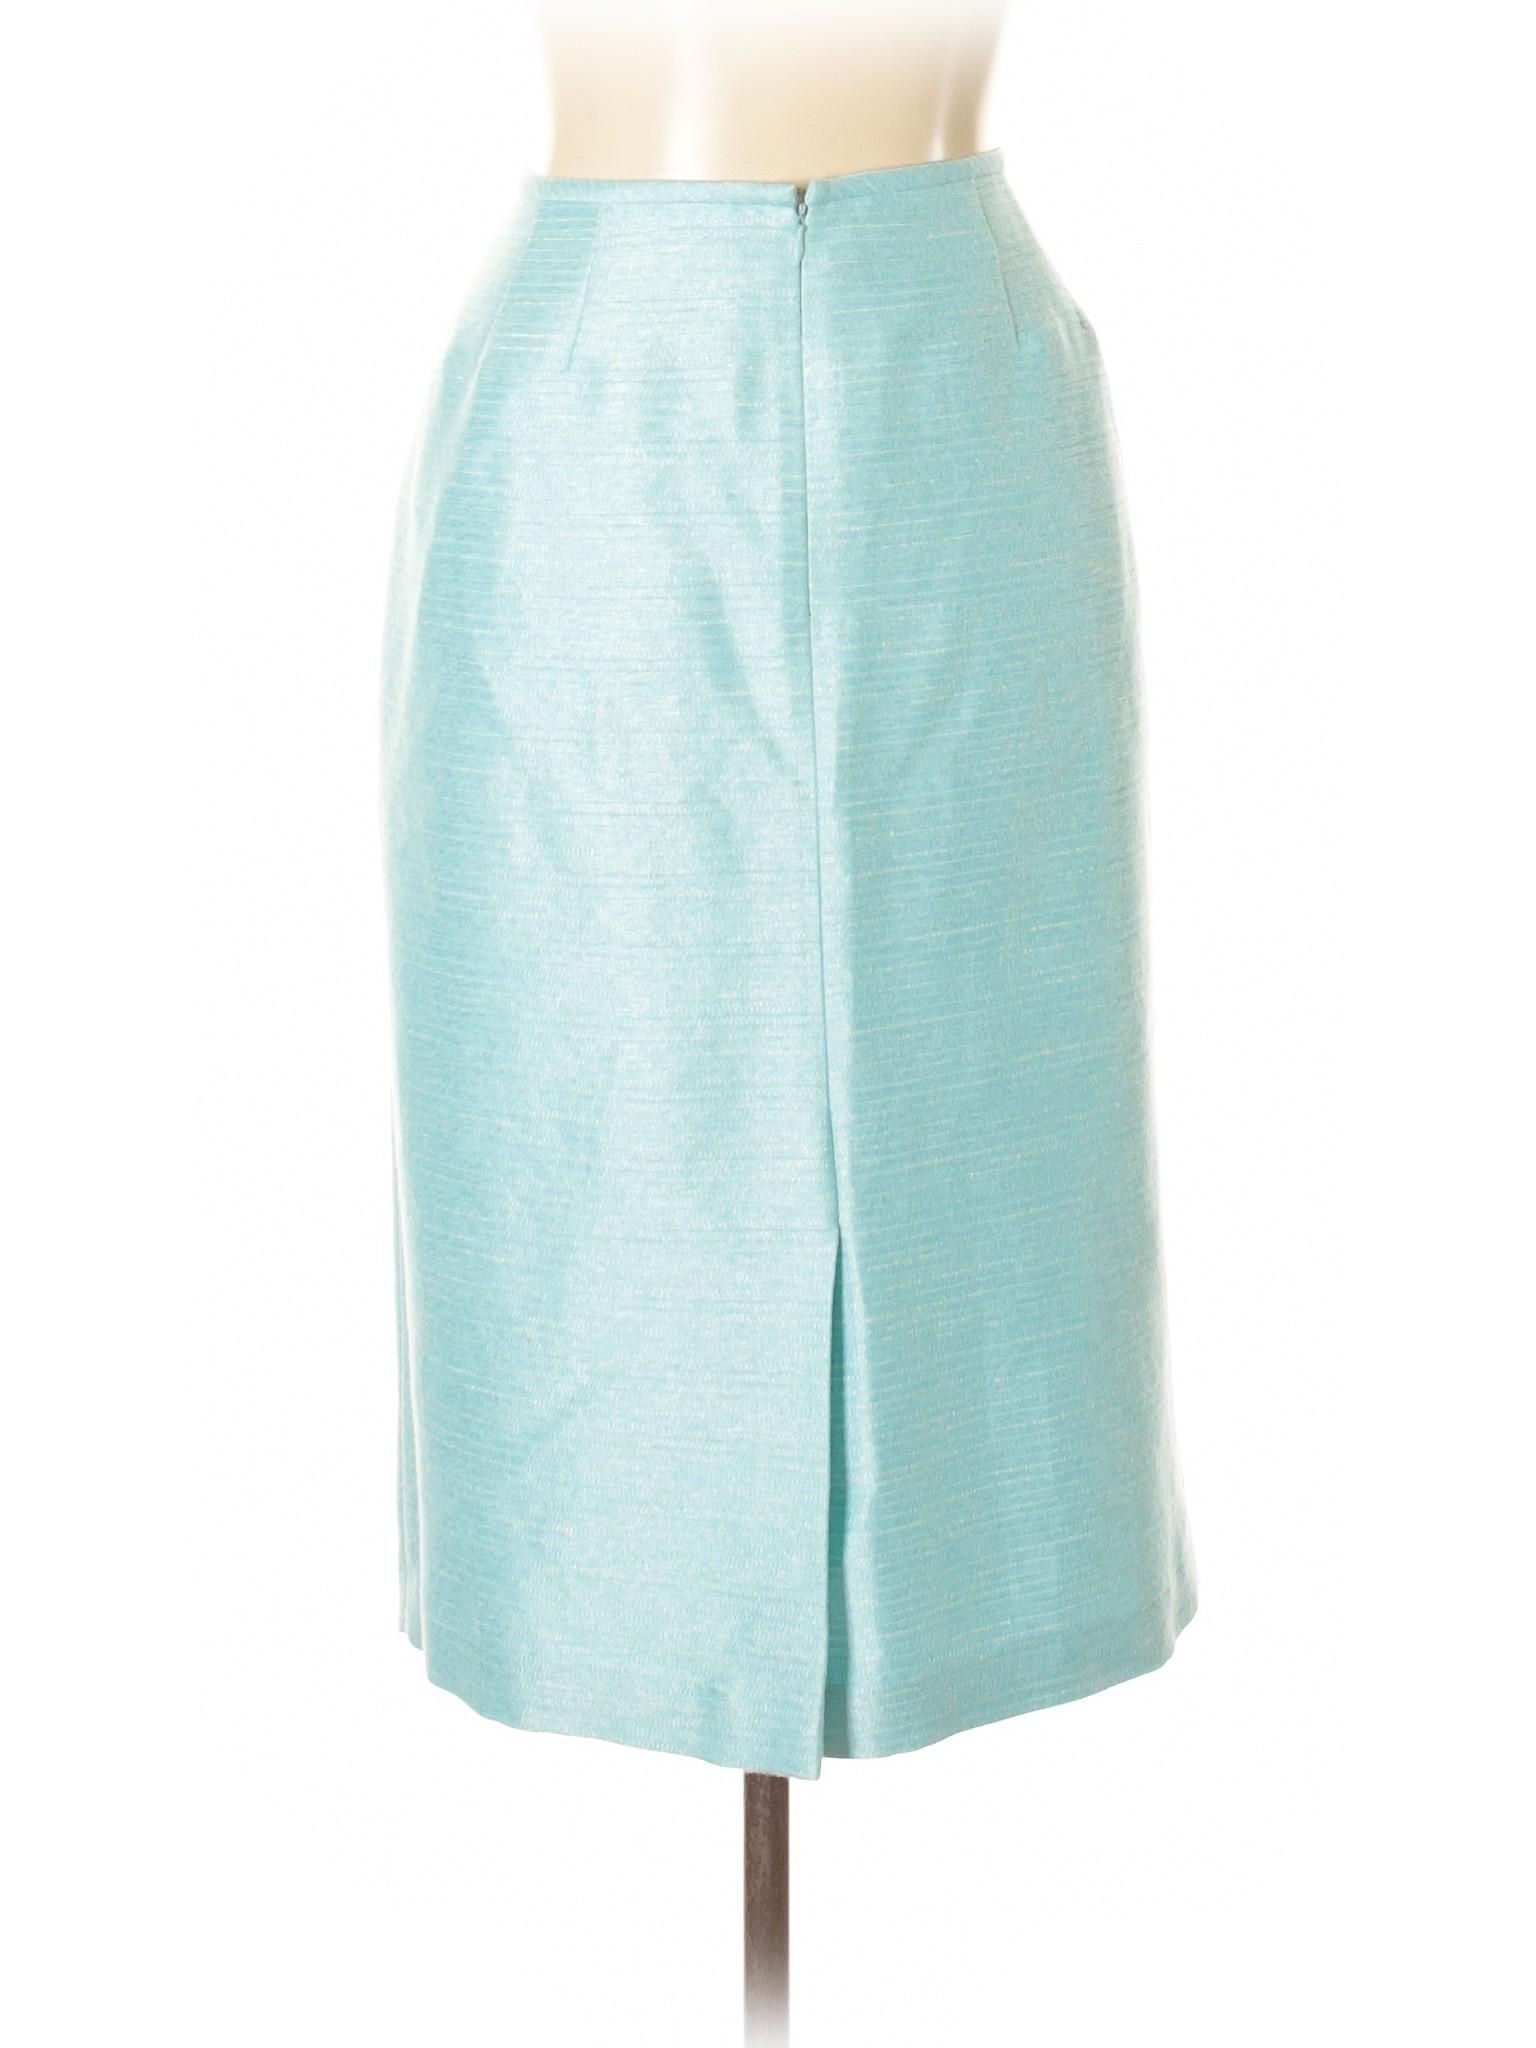 Skirt Skirt Boutique Boutique Formal Formal Formal Boutique Boutique Skirt Formal Skirt Boutique Formal ZZfr7nqwE